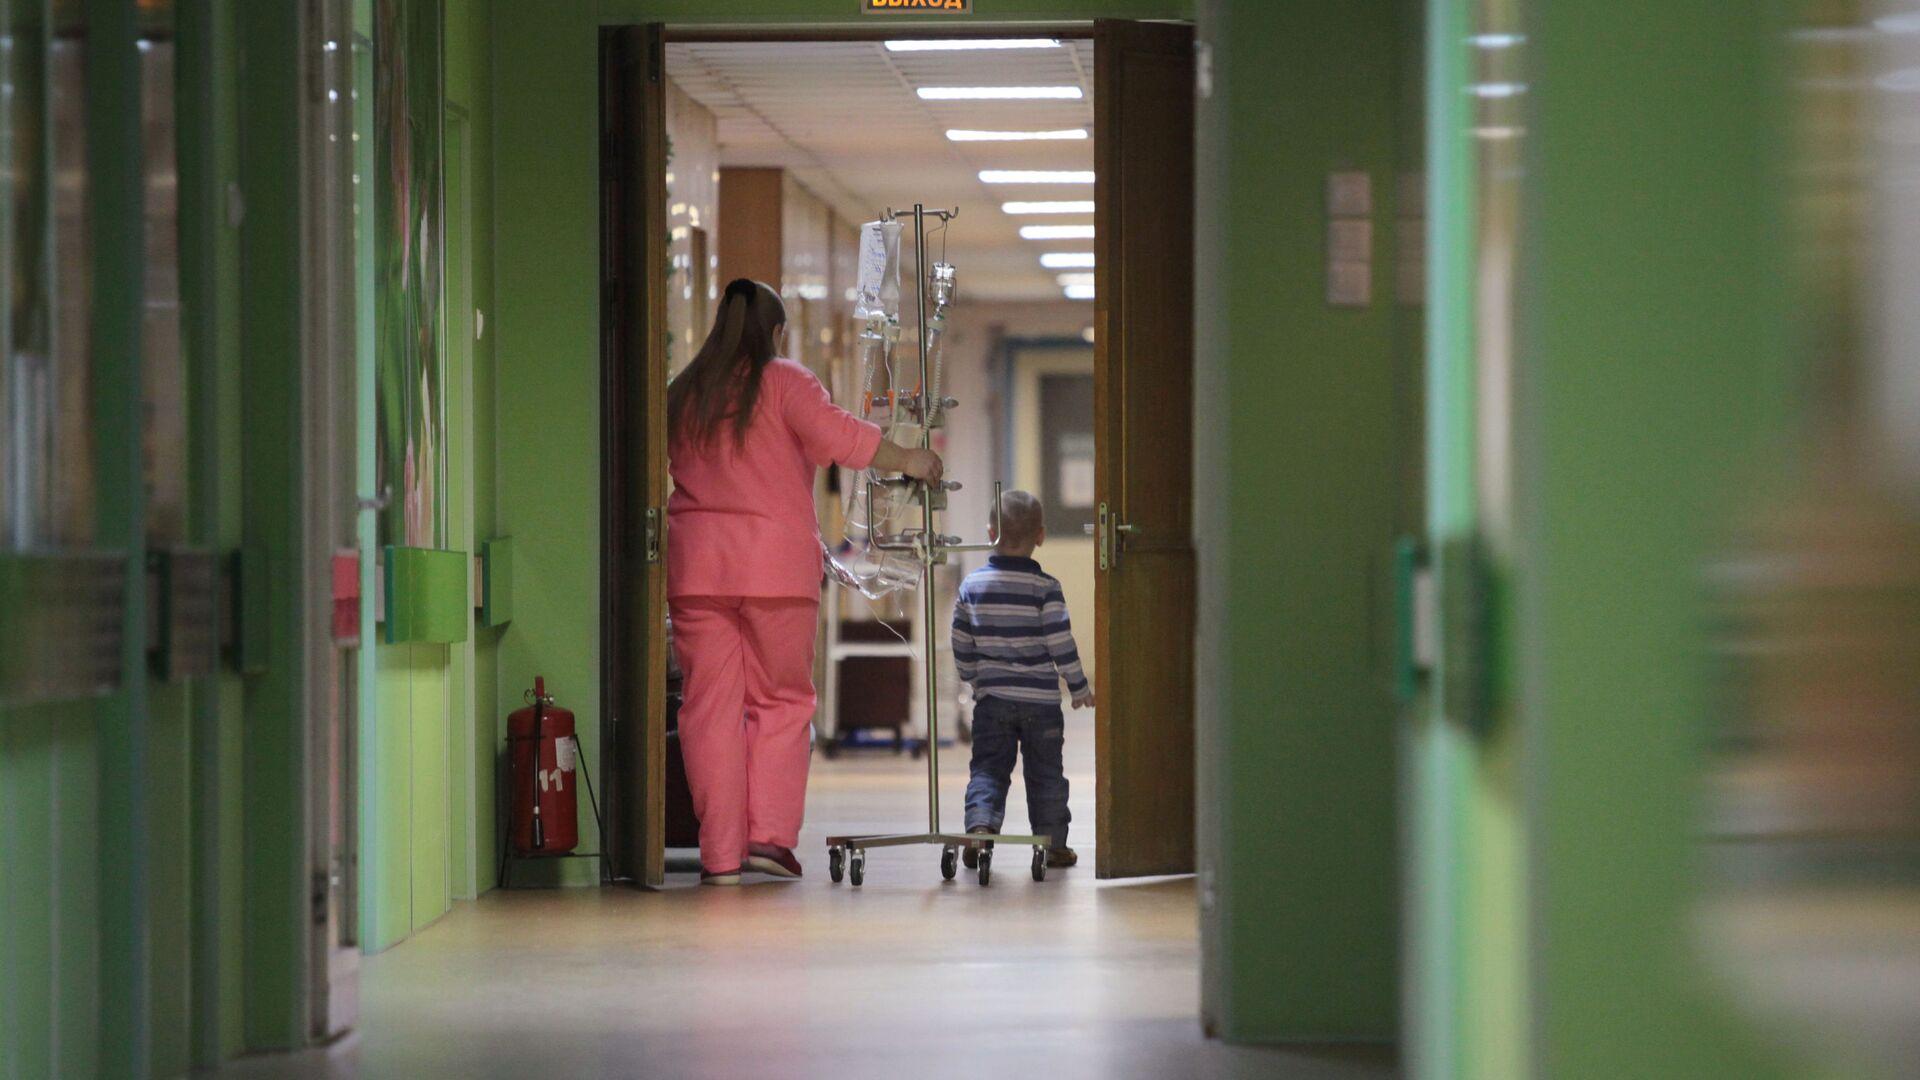 Деткое онкологическое отделение городской больницы №31 в Санкт-Петербурге - РИА Новости, 1920, 24.09.2021